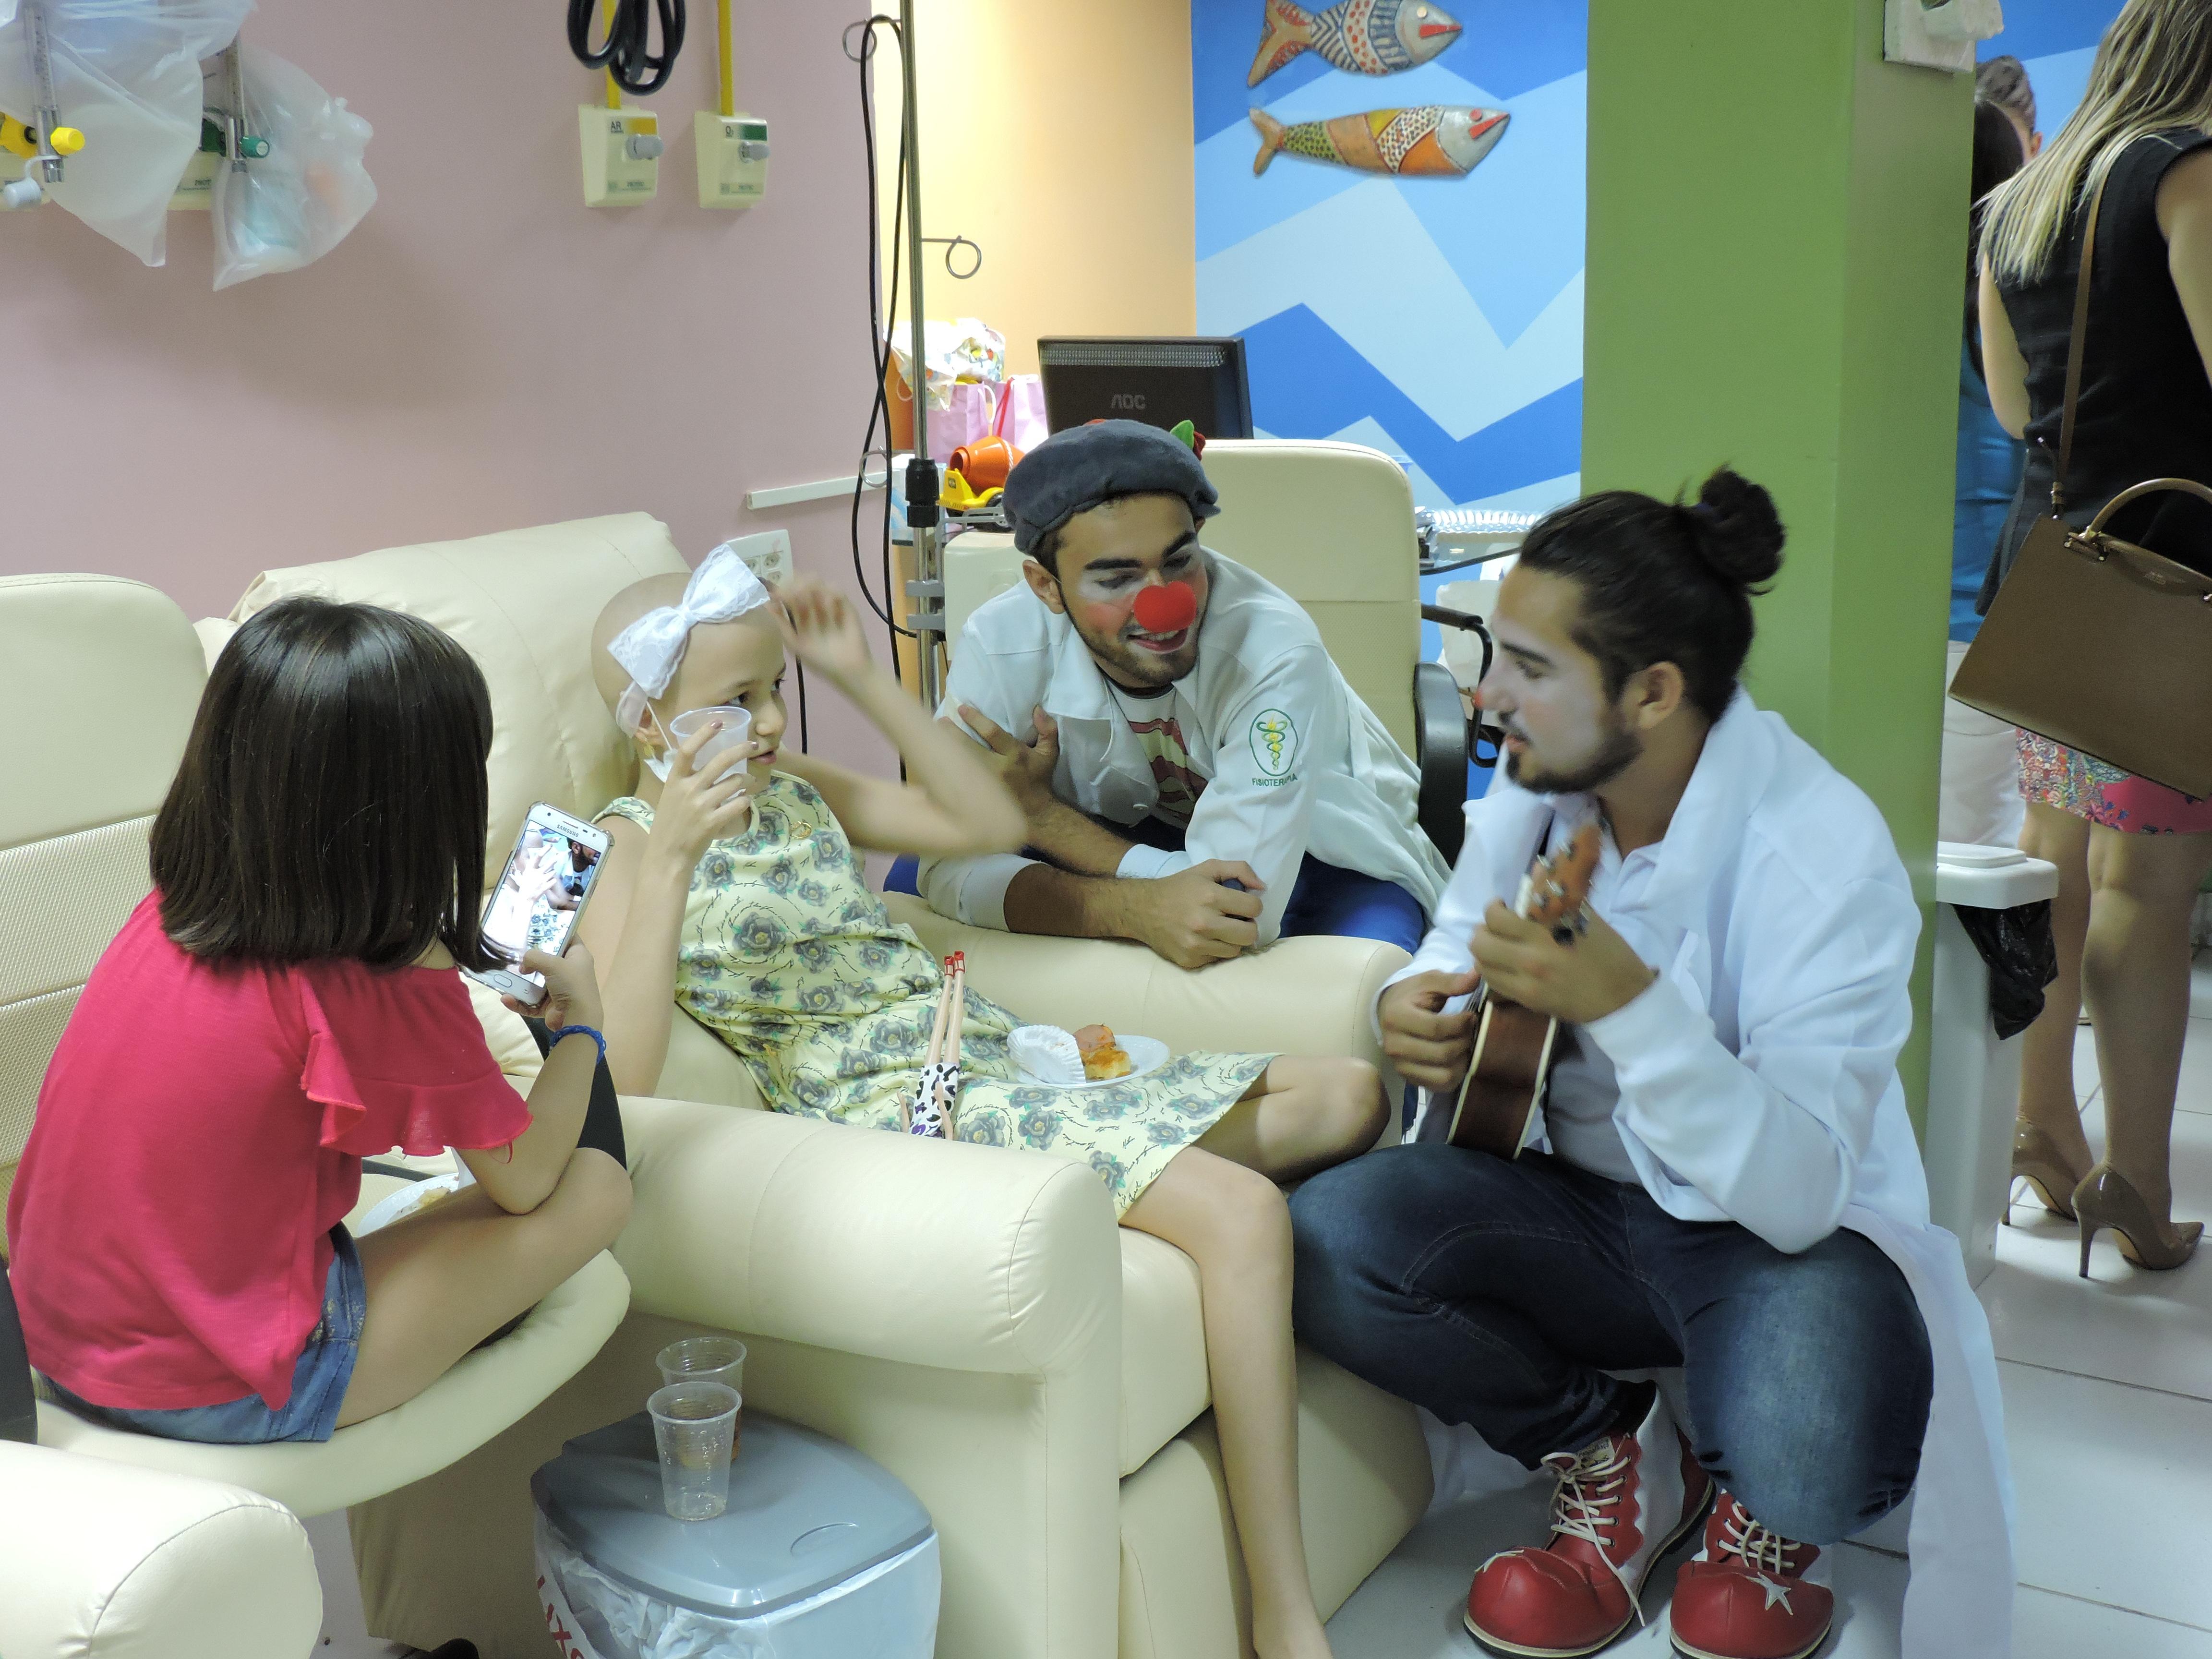 Ambiente mais humanizado e confortável tem impactos positivos  sobre o bem estar e a recuperação das crianças.